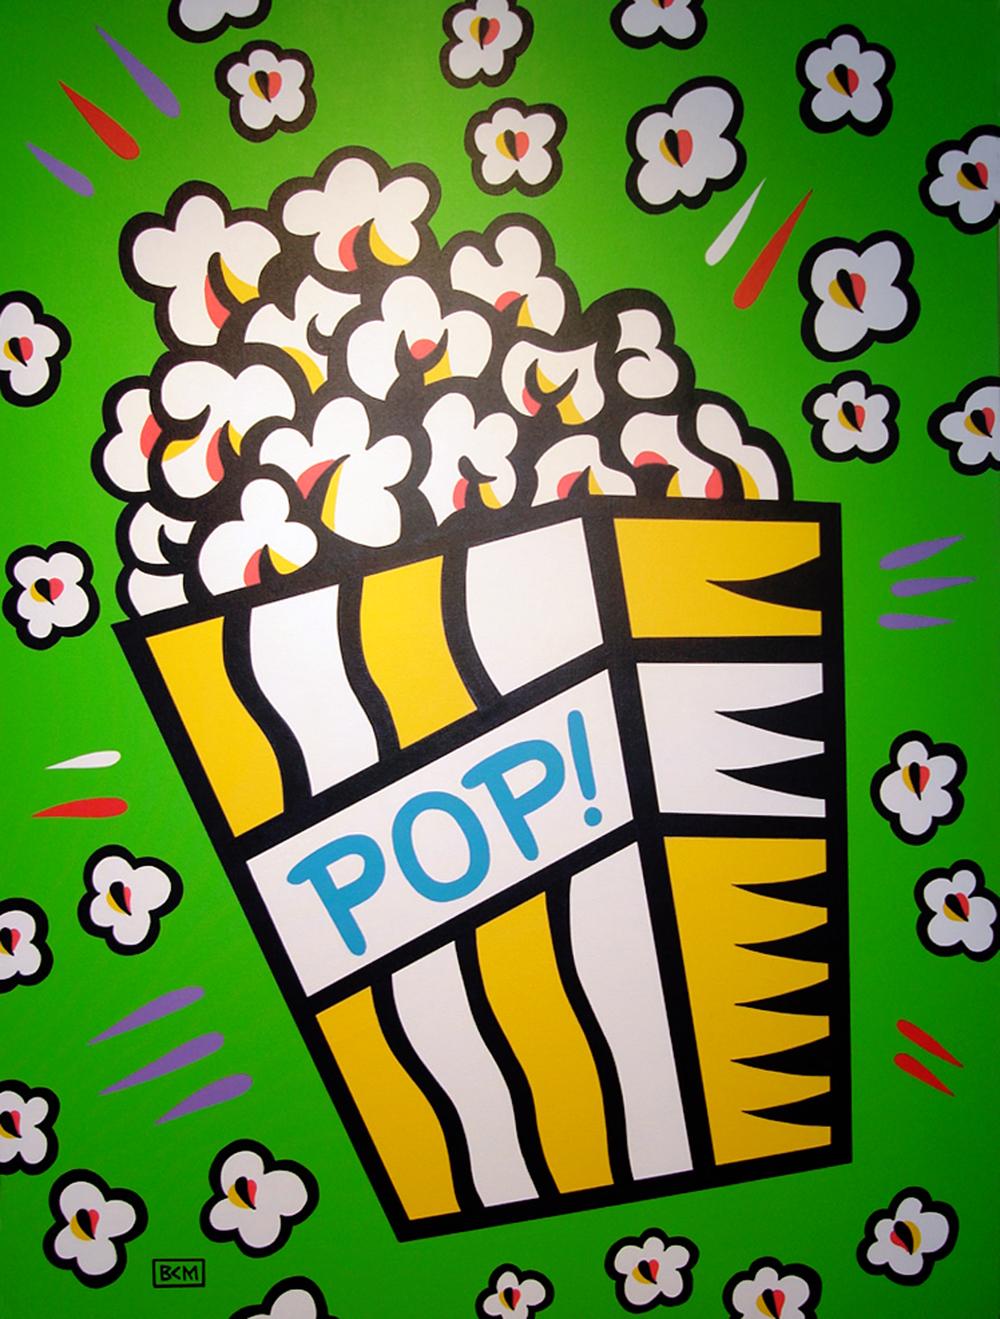 Popcorn-HR-green.jpg